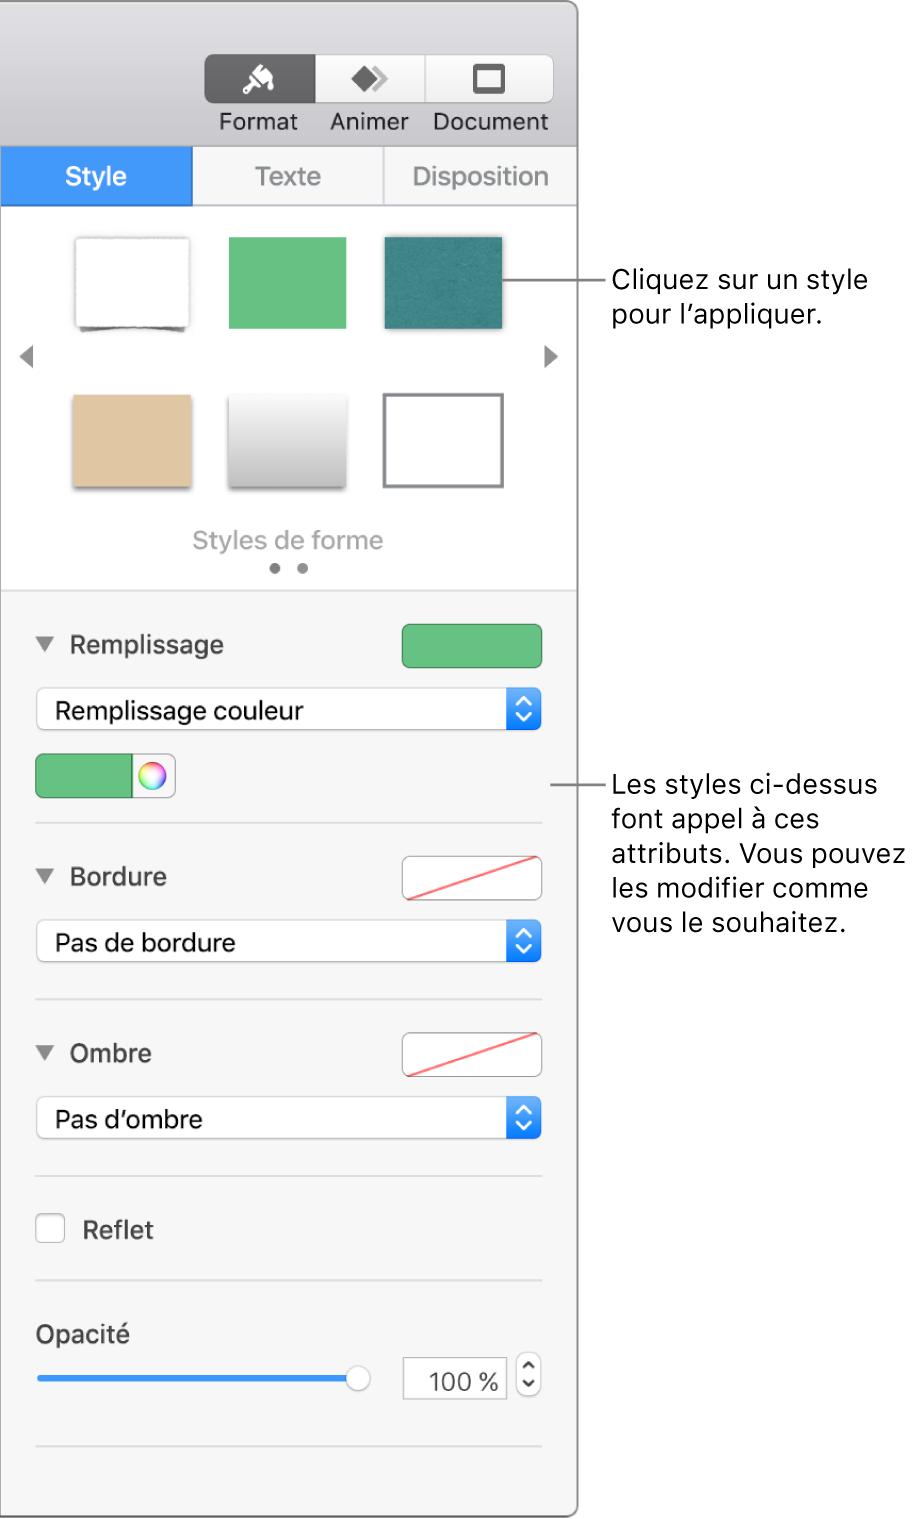 Styles et options de figure de la section Format de la barre latérale.